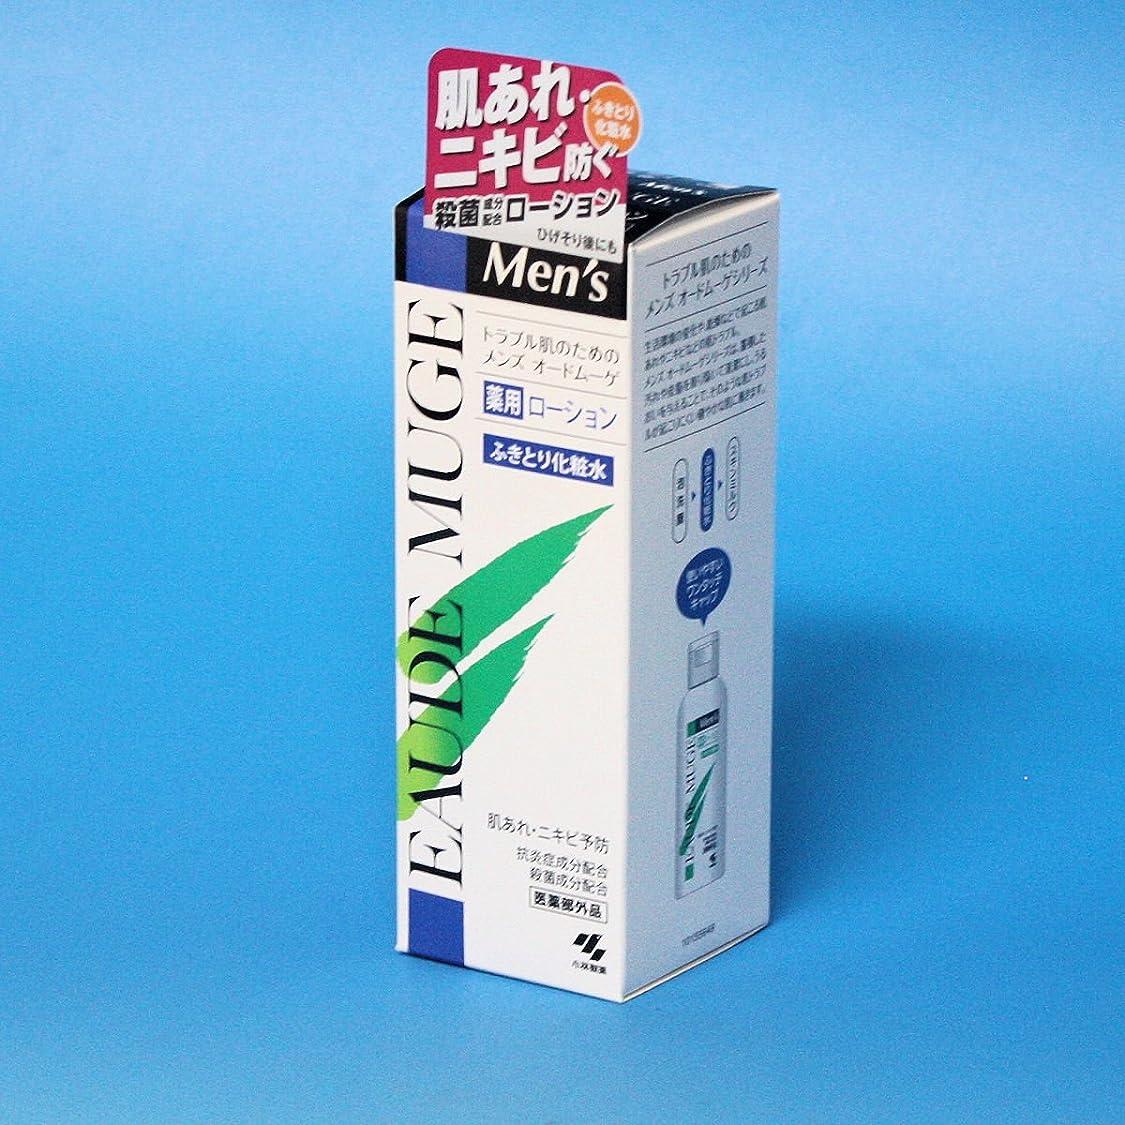 金曜日広大な平日メンズ オードムーゲ薬用ローション ふき取り化粧水 160ml